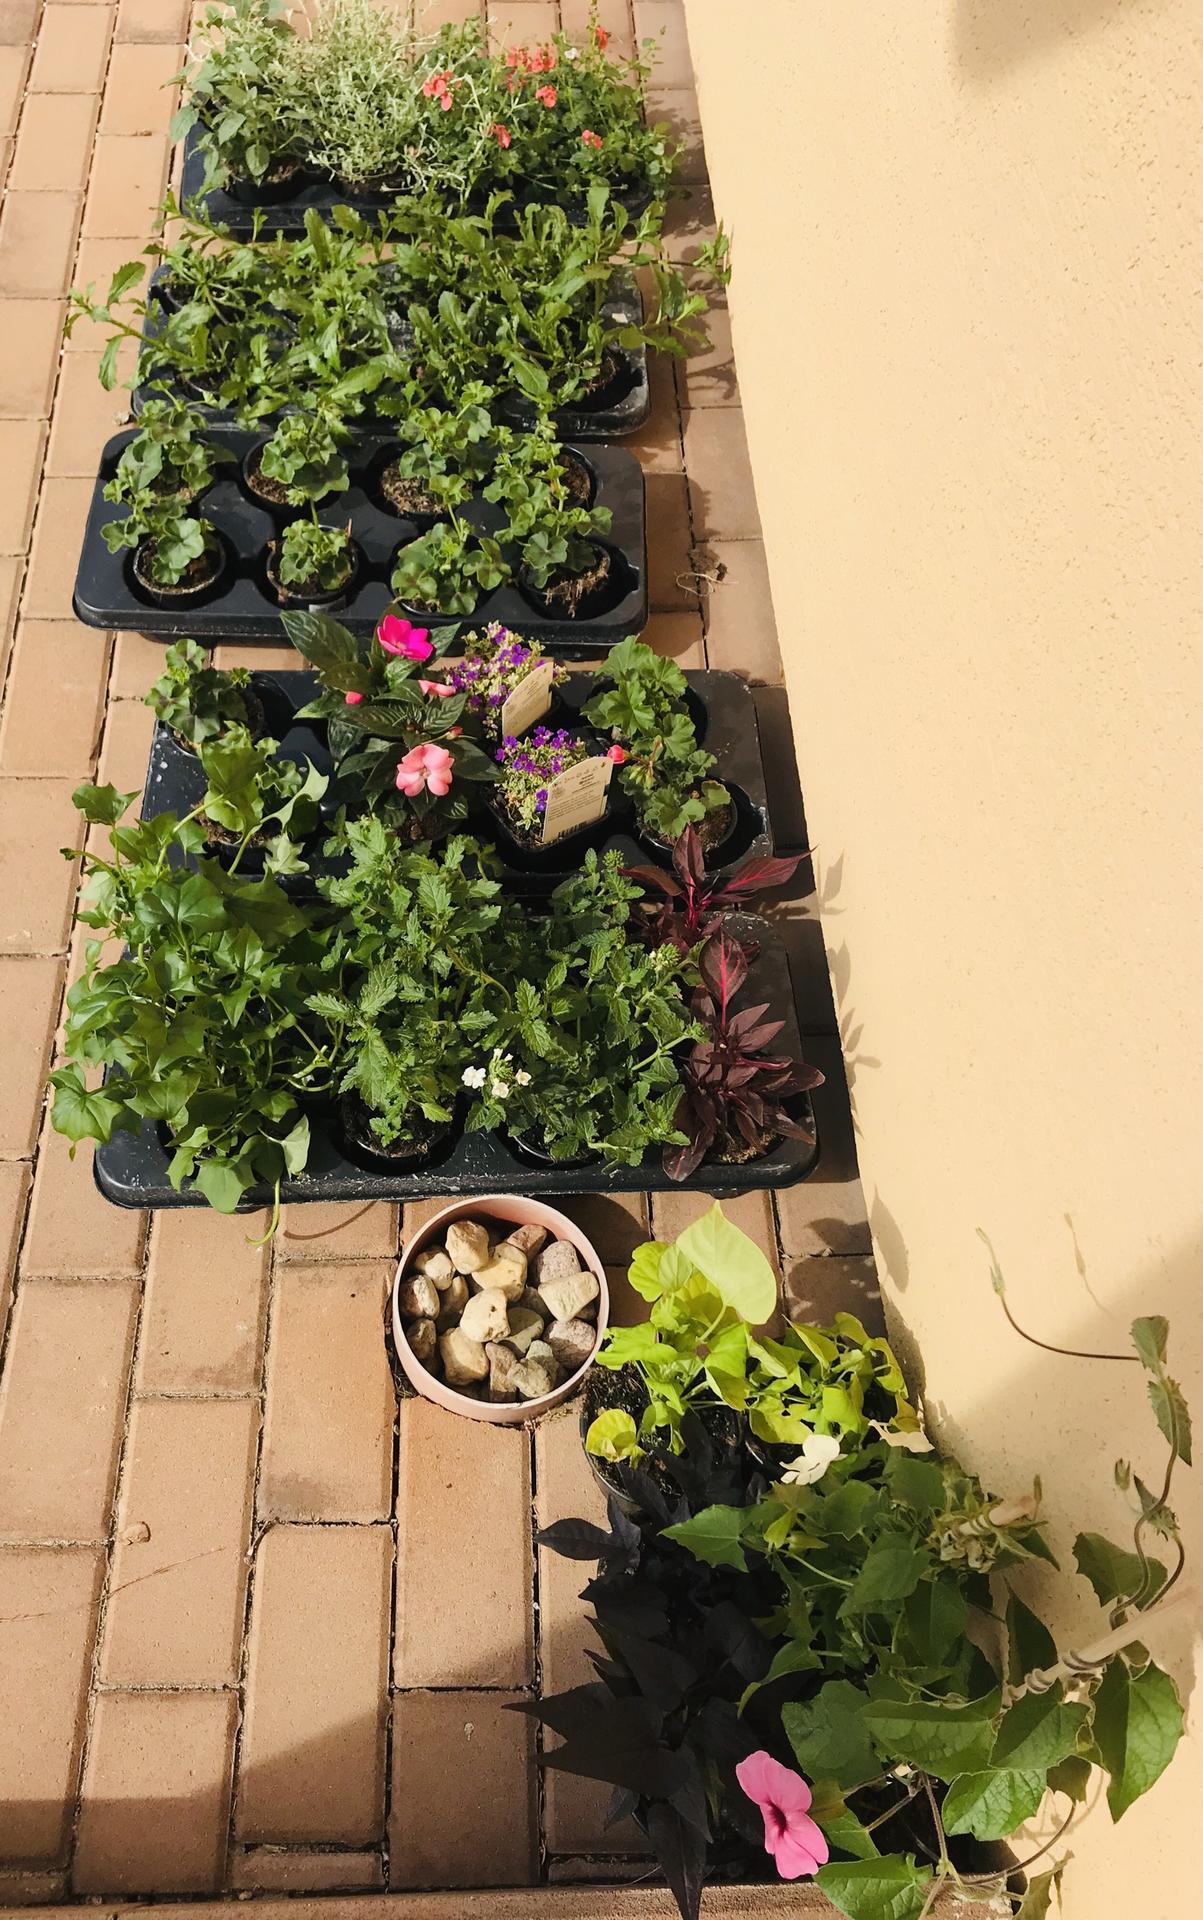 Naše barevná zahrada 🌸 rok 2020 - Letničky 🌸🤗🌸 fuchsie, muškát převislý i vzpřímený, vějířovka, černooká Zuzana, břečťan jako letnička, batáty, verbena, diascie a pak ještě další a další u kterých už název nevím 🙉